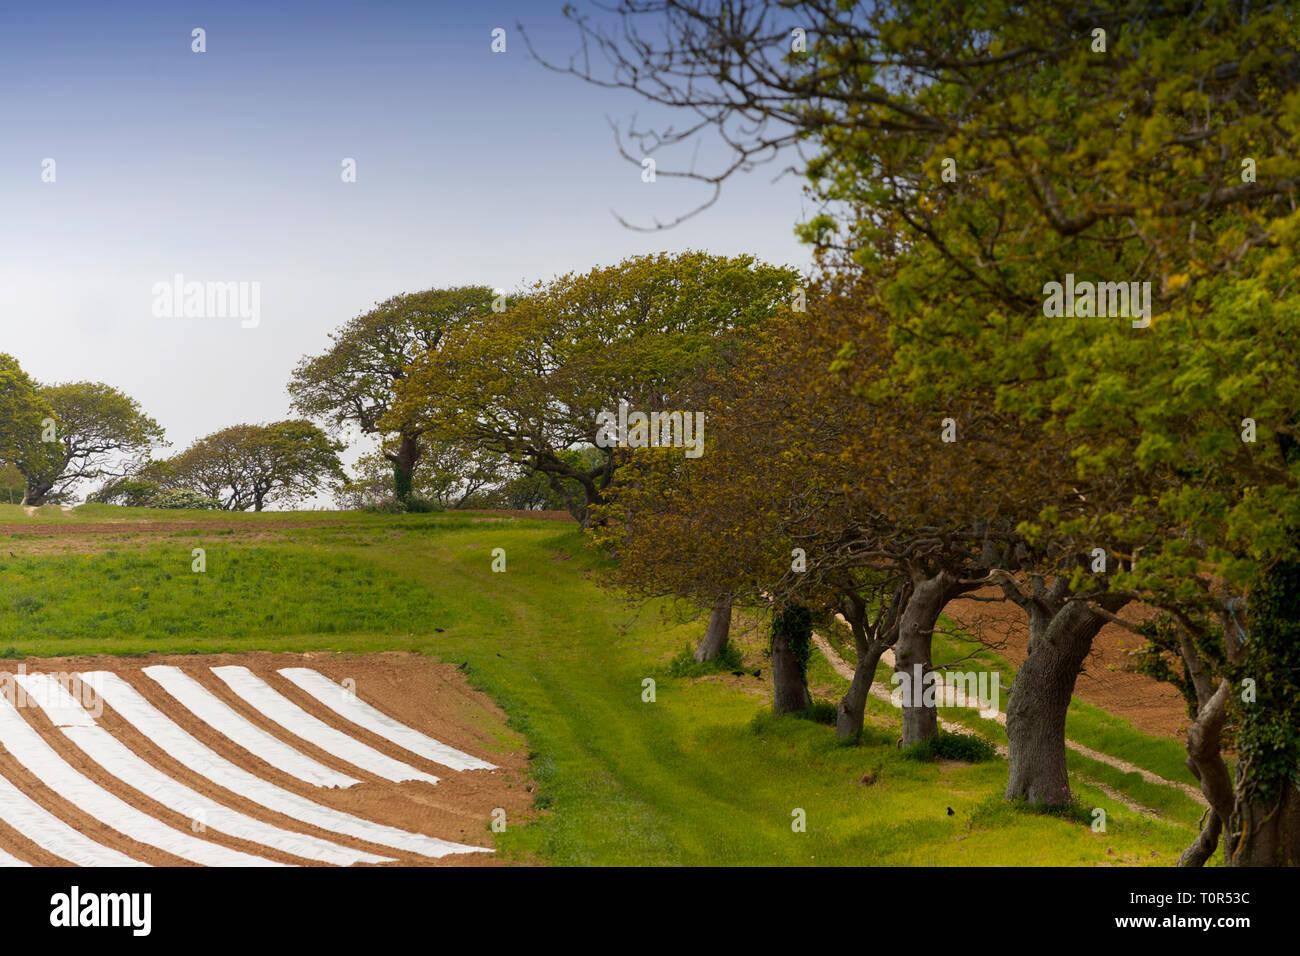 La linea,di quercia, alberi a fianco,campo,coperto,a,plastica,agriturismo,terra,crop,l'agricoltura,coltivata,l'ecologia,uccelli,nidificazione,nest,habitat,foglie,rami,Isle of Immagini Stock